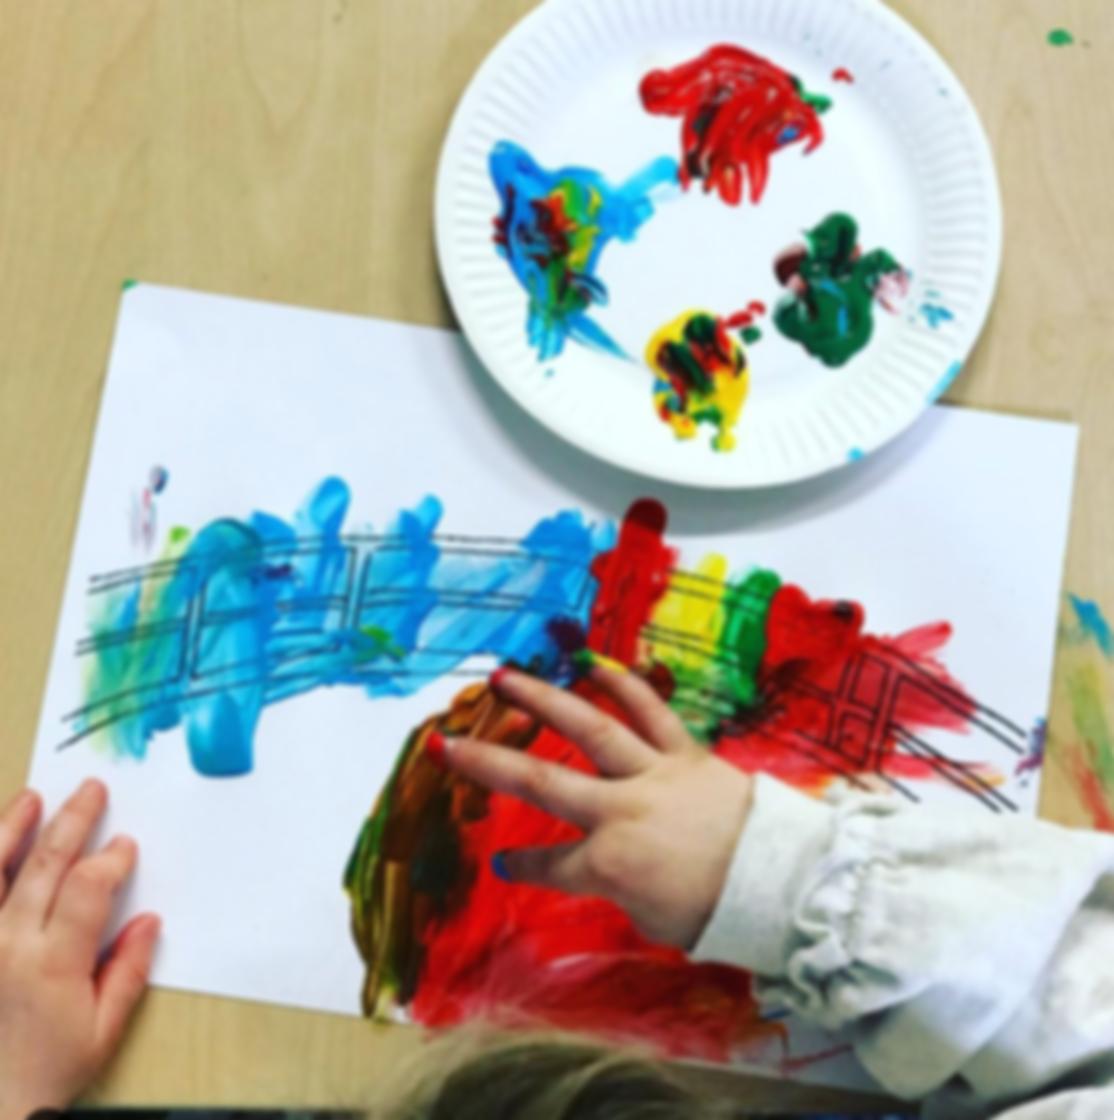 child hands finger painting a bridge